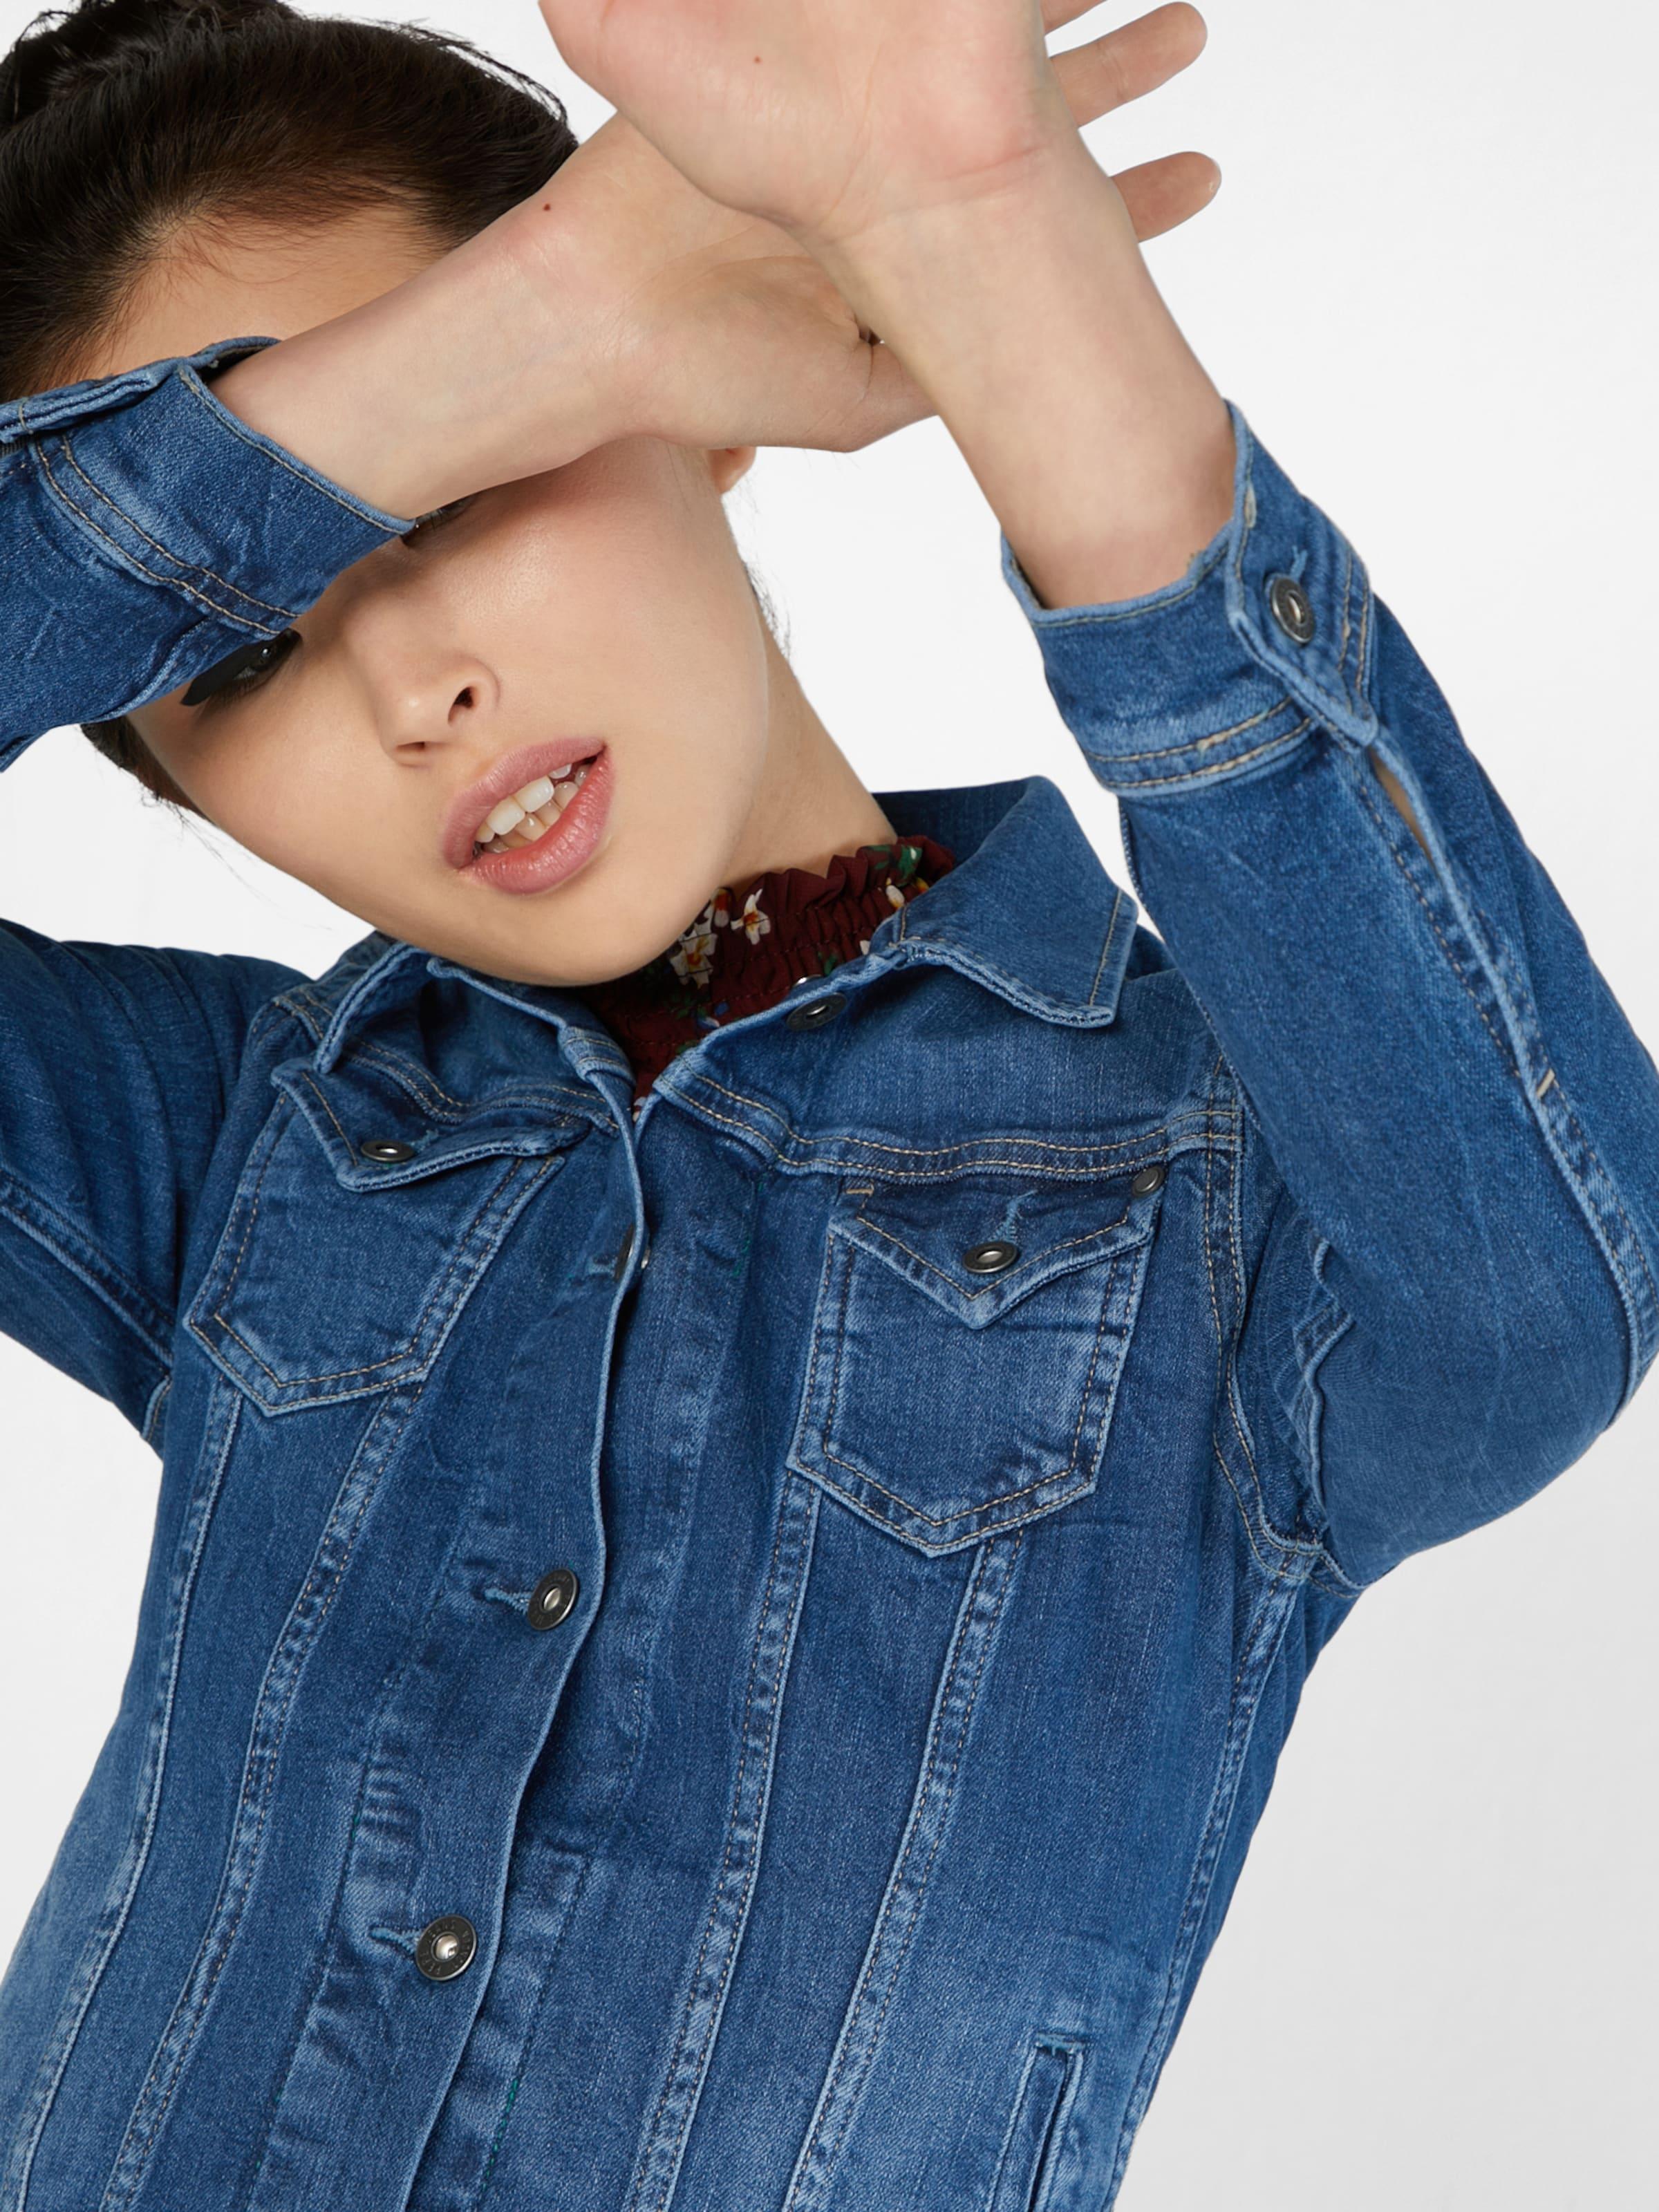 Rabatt Beliebt Pepe Jeans Denimjacke im Vintage Look 'Thrift' Spielraum Amazon Tx2DB4rI